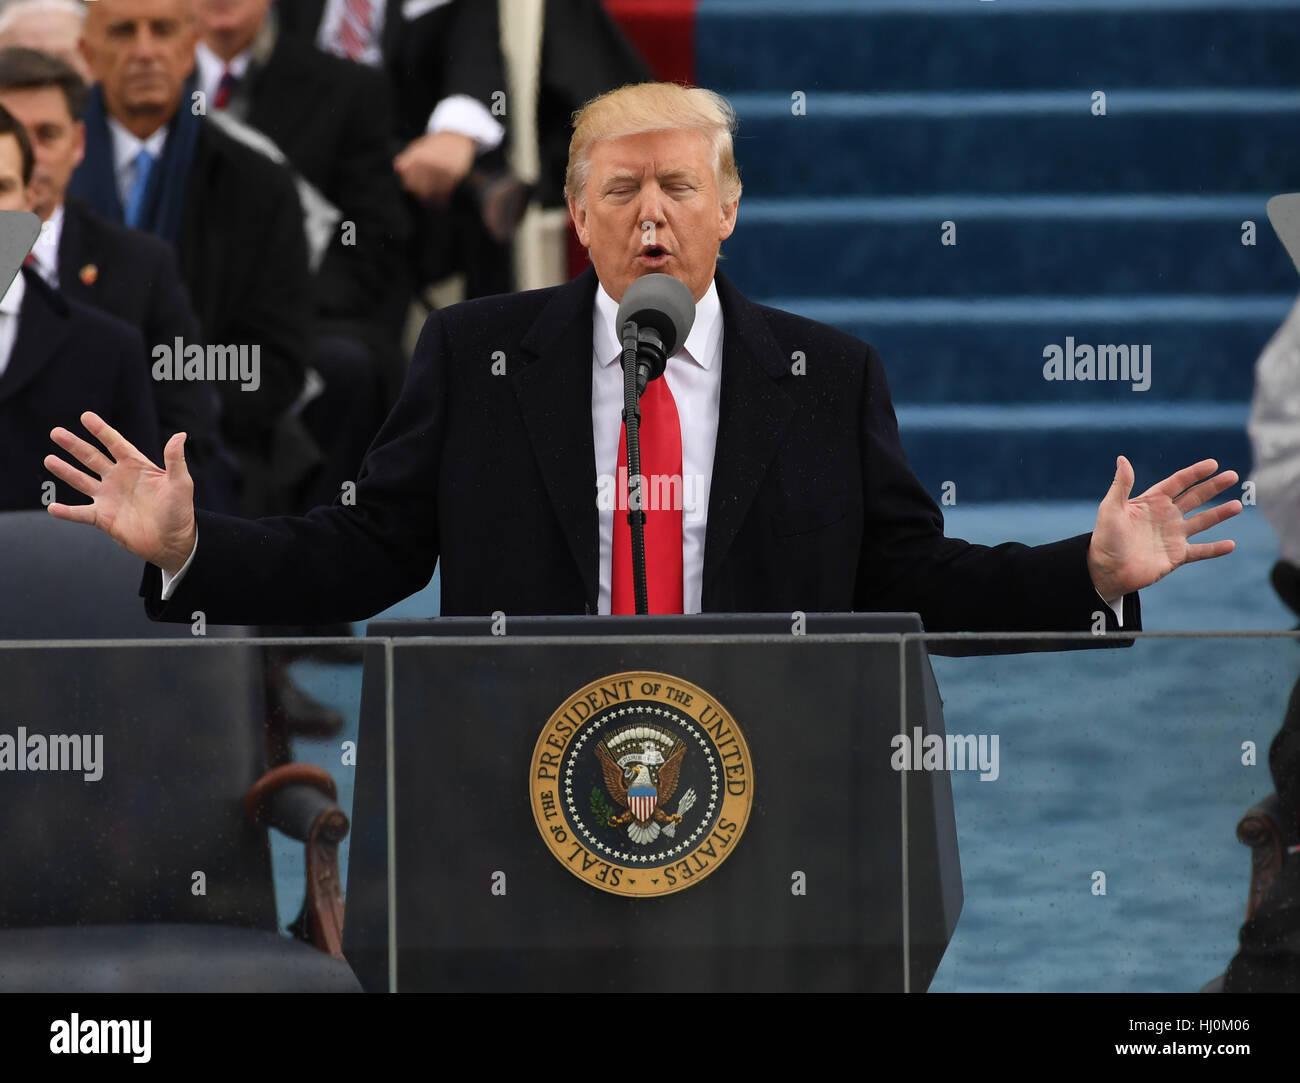 Le président Donald Trump offre son discours lors de l'inauguration le 20 janvier 2017 à Washington, Photo Stock